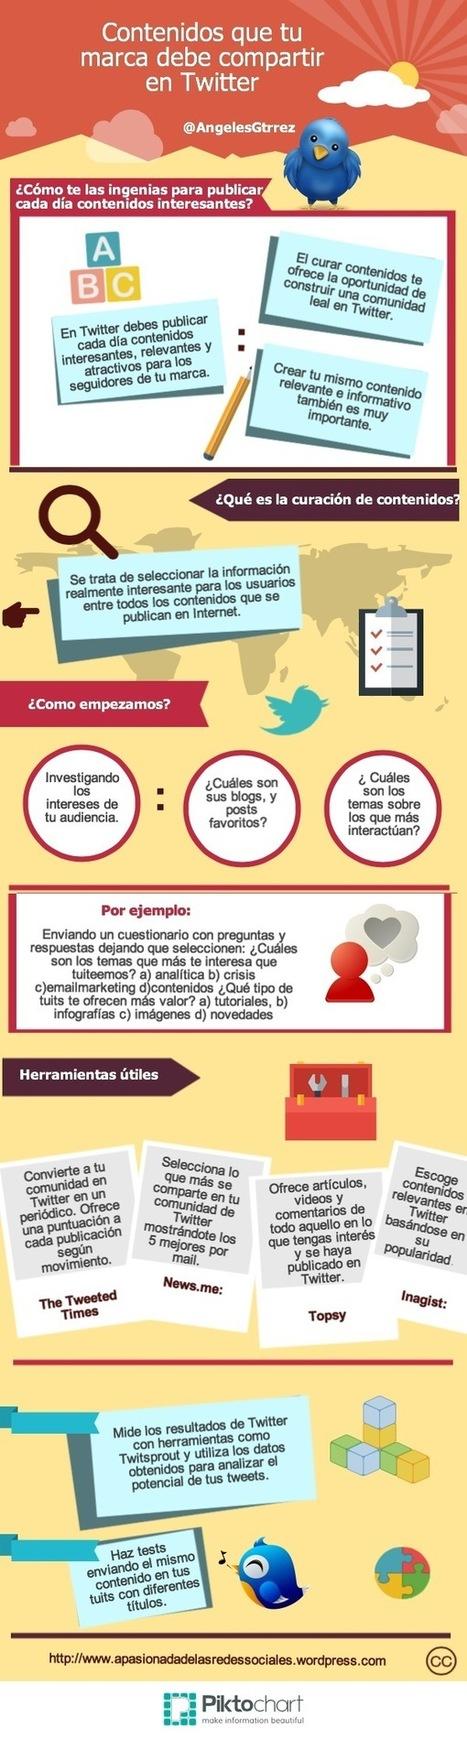 Contenidos que tu marca debe compartir en Twitter | El Content Curator Semanal | Scoop.it